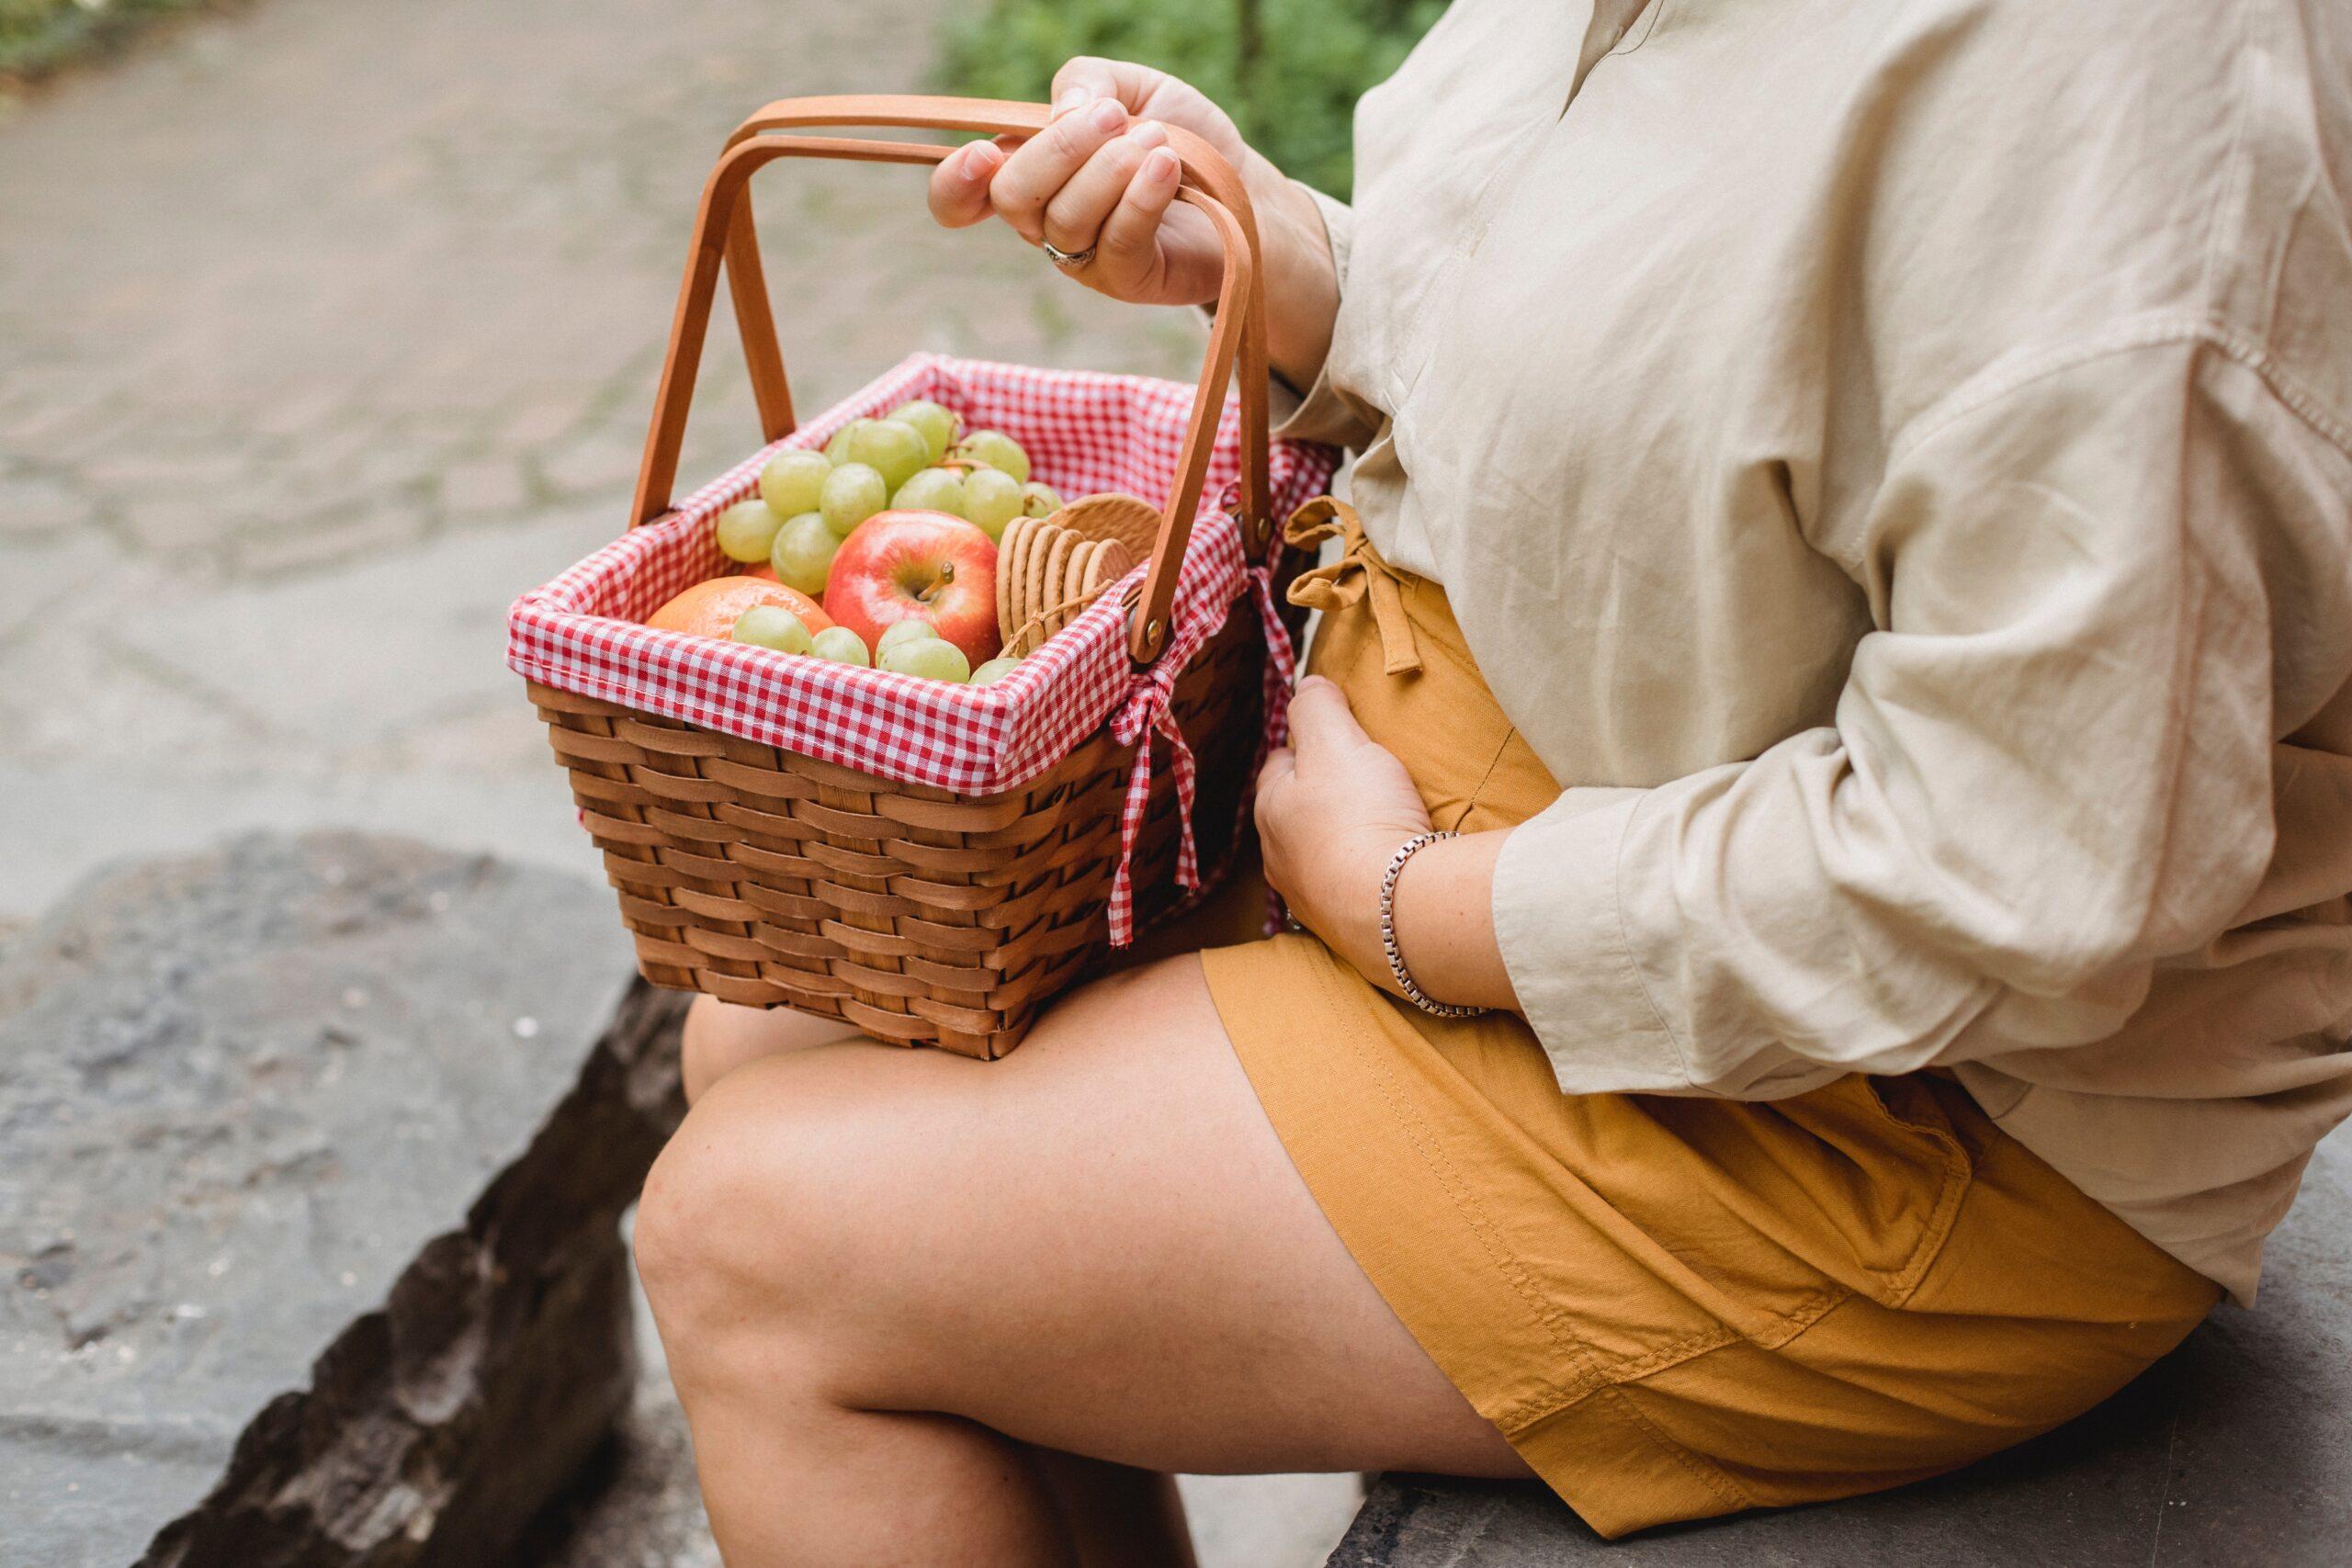 Alimentazione in gravidanza: 5 consigli su cosa mangiare e cosa no